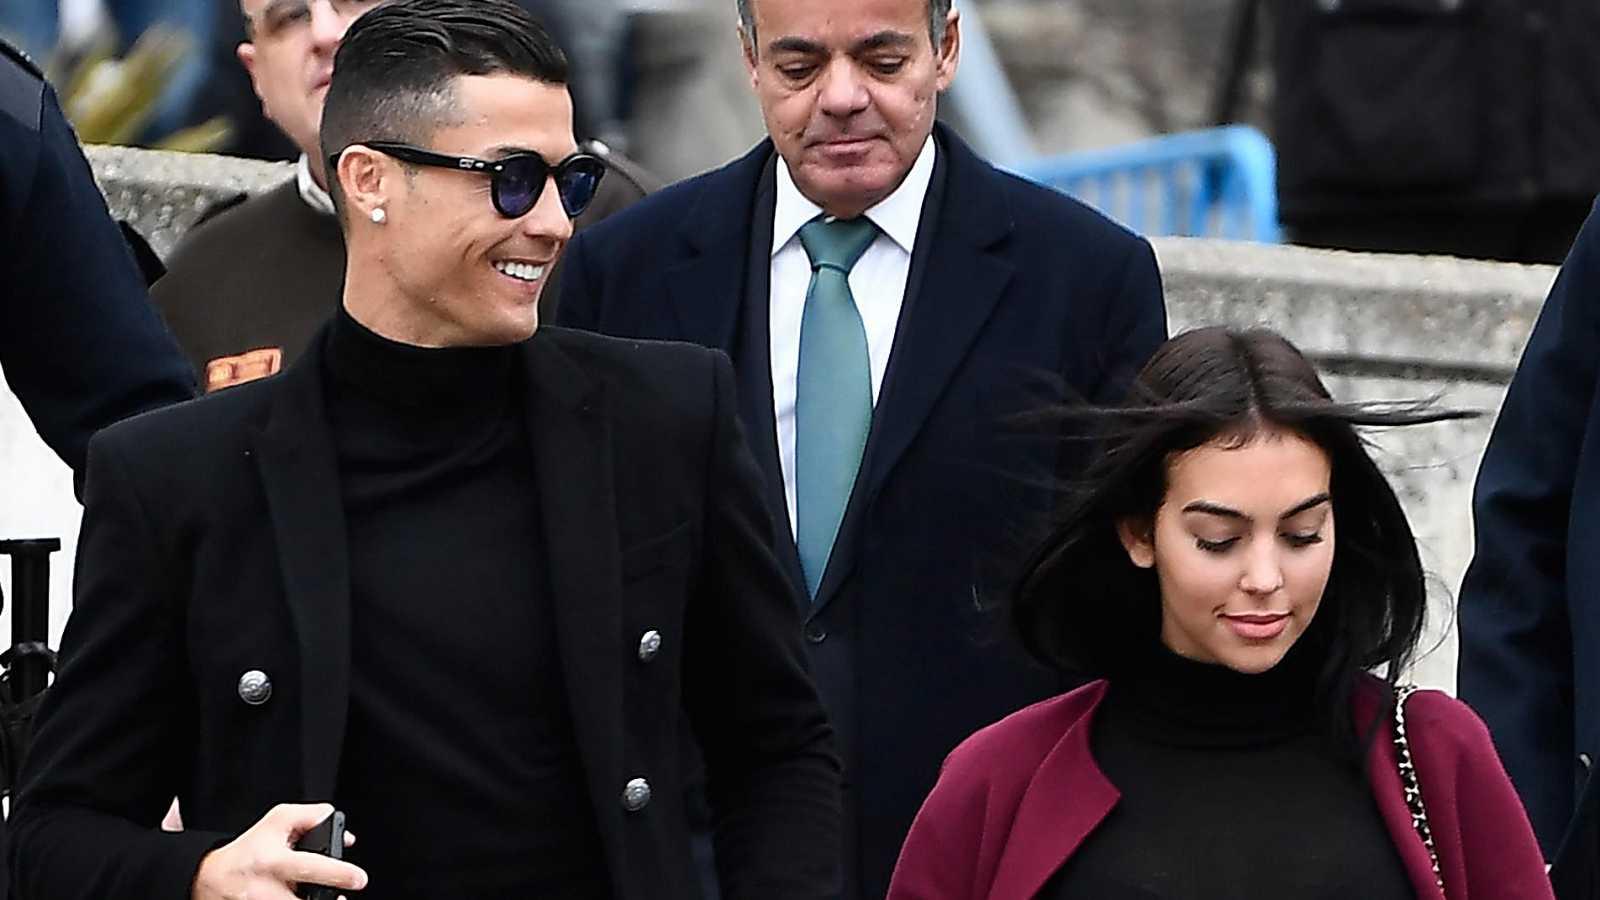 ronaldo condenado a 23 meses de prisão e 19 milhões de multa por fraude - CR7 e Esposa - Ronaldo condenado a 23 meses de prisão e 19 milhões de multa por fraude